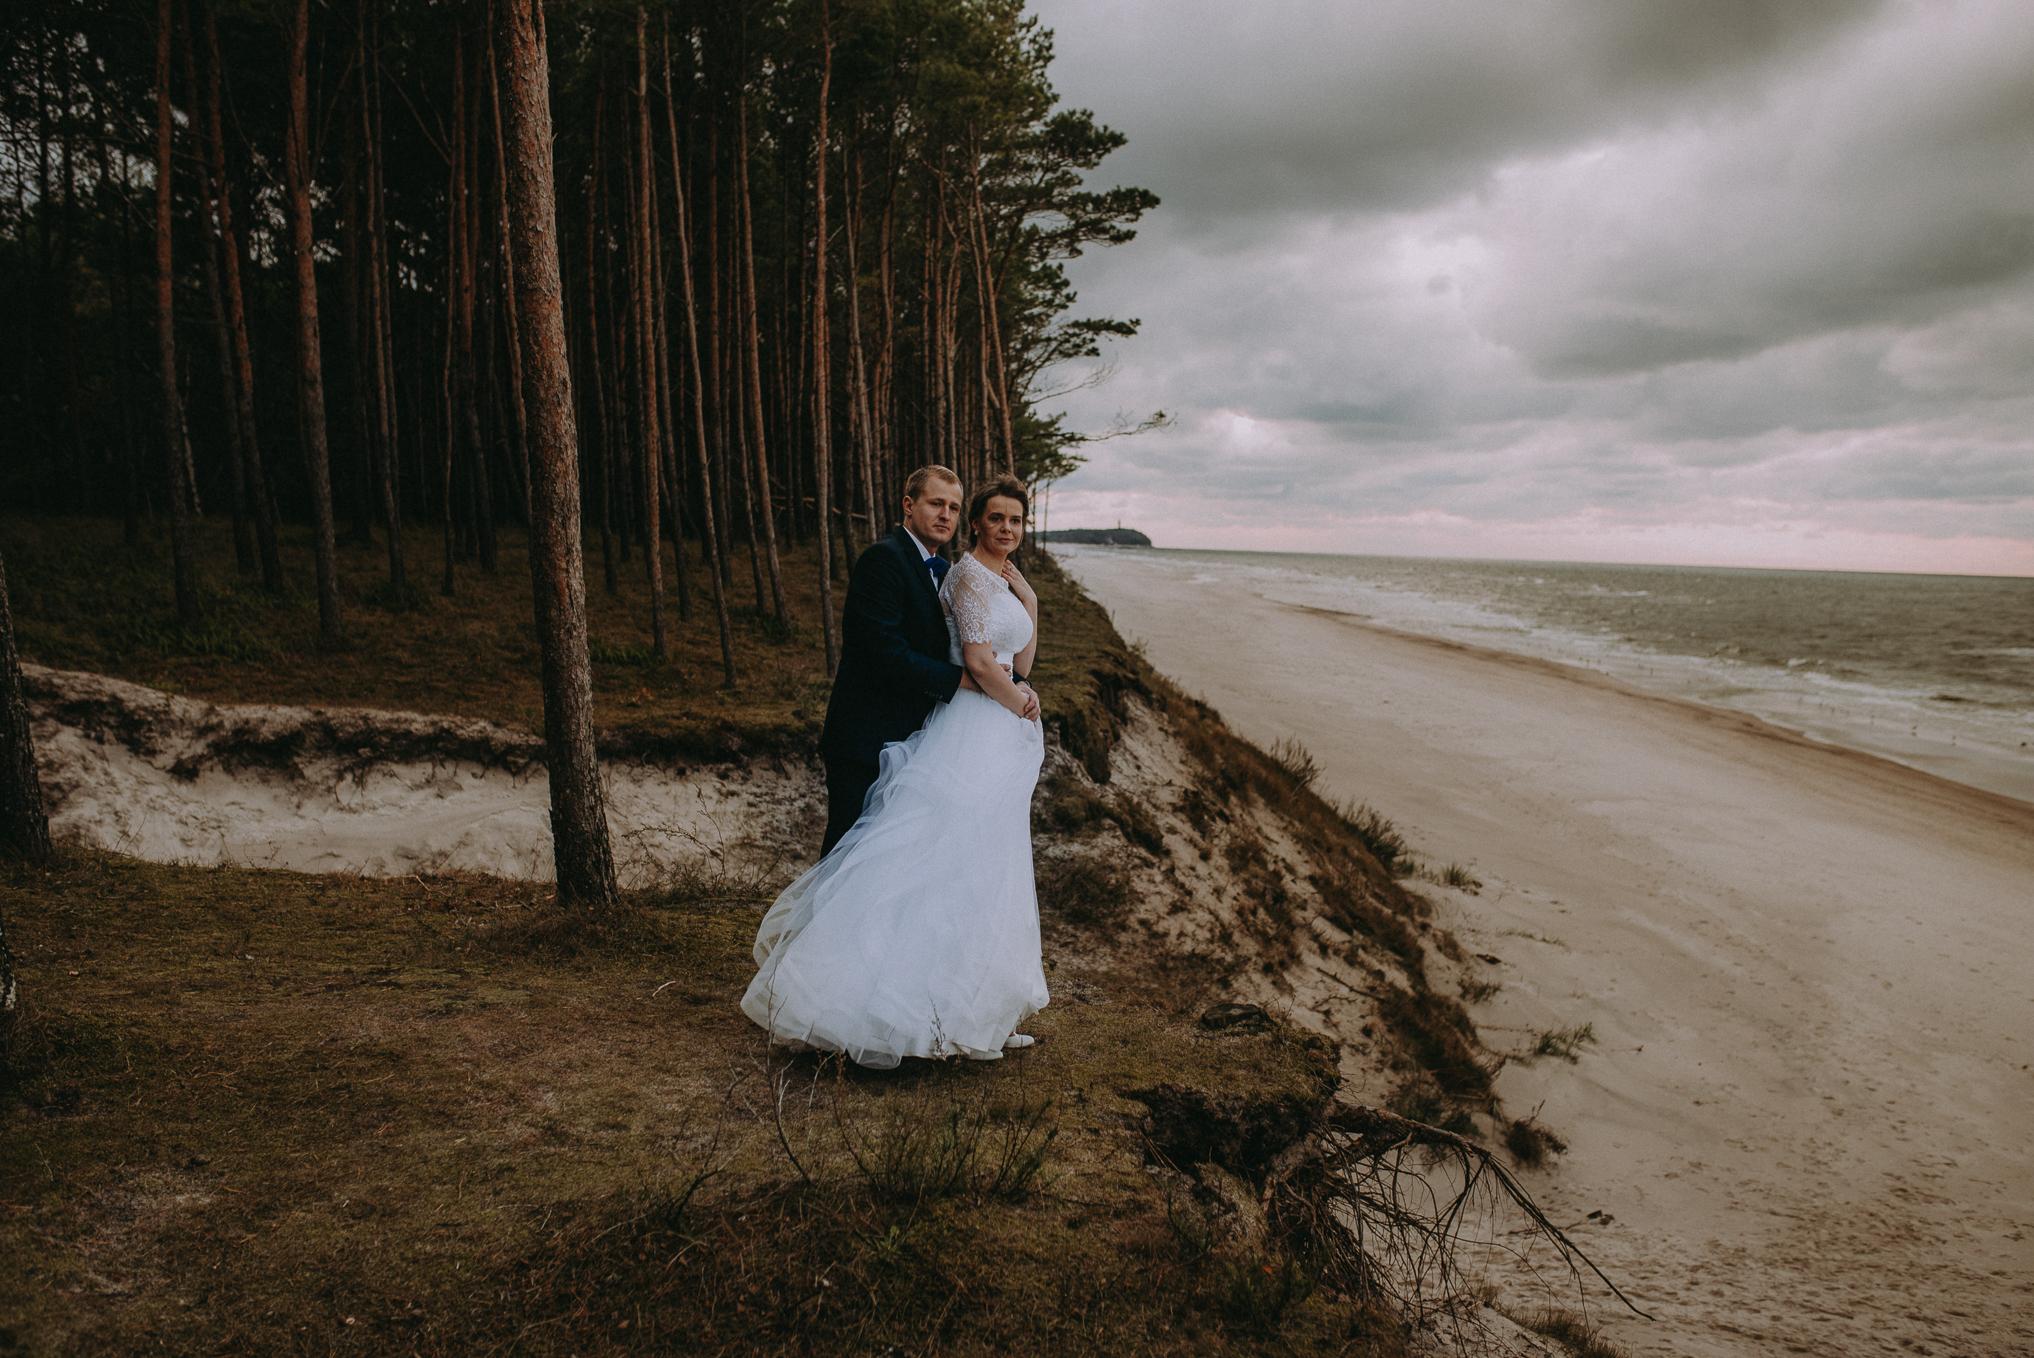 Sesja ślubna nad morzem 7